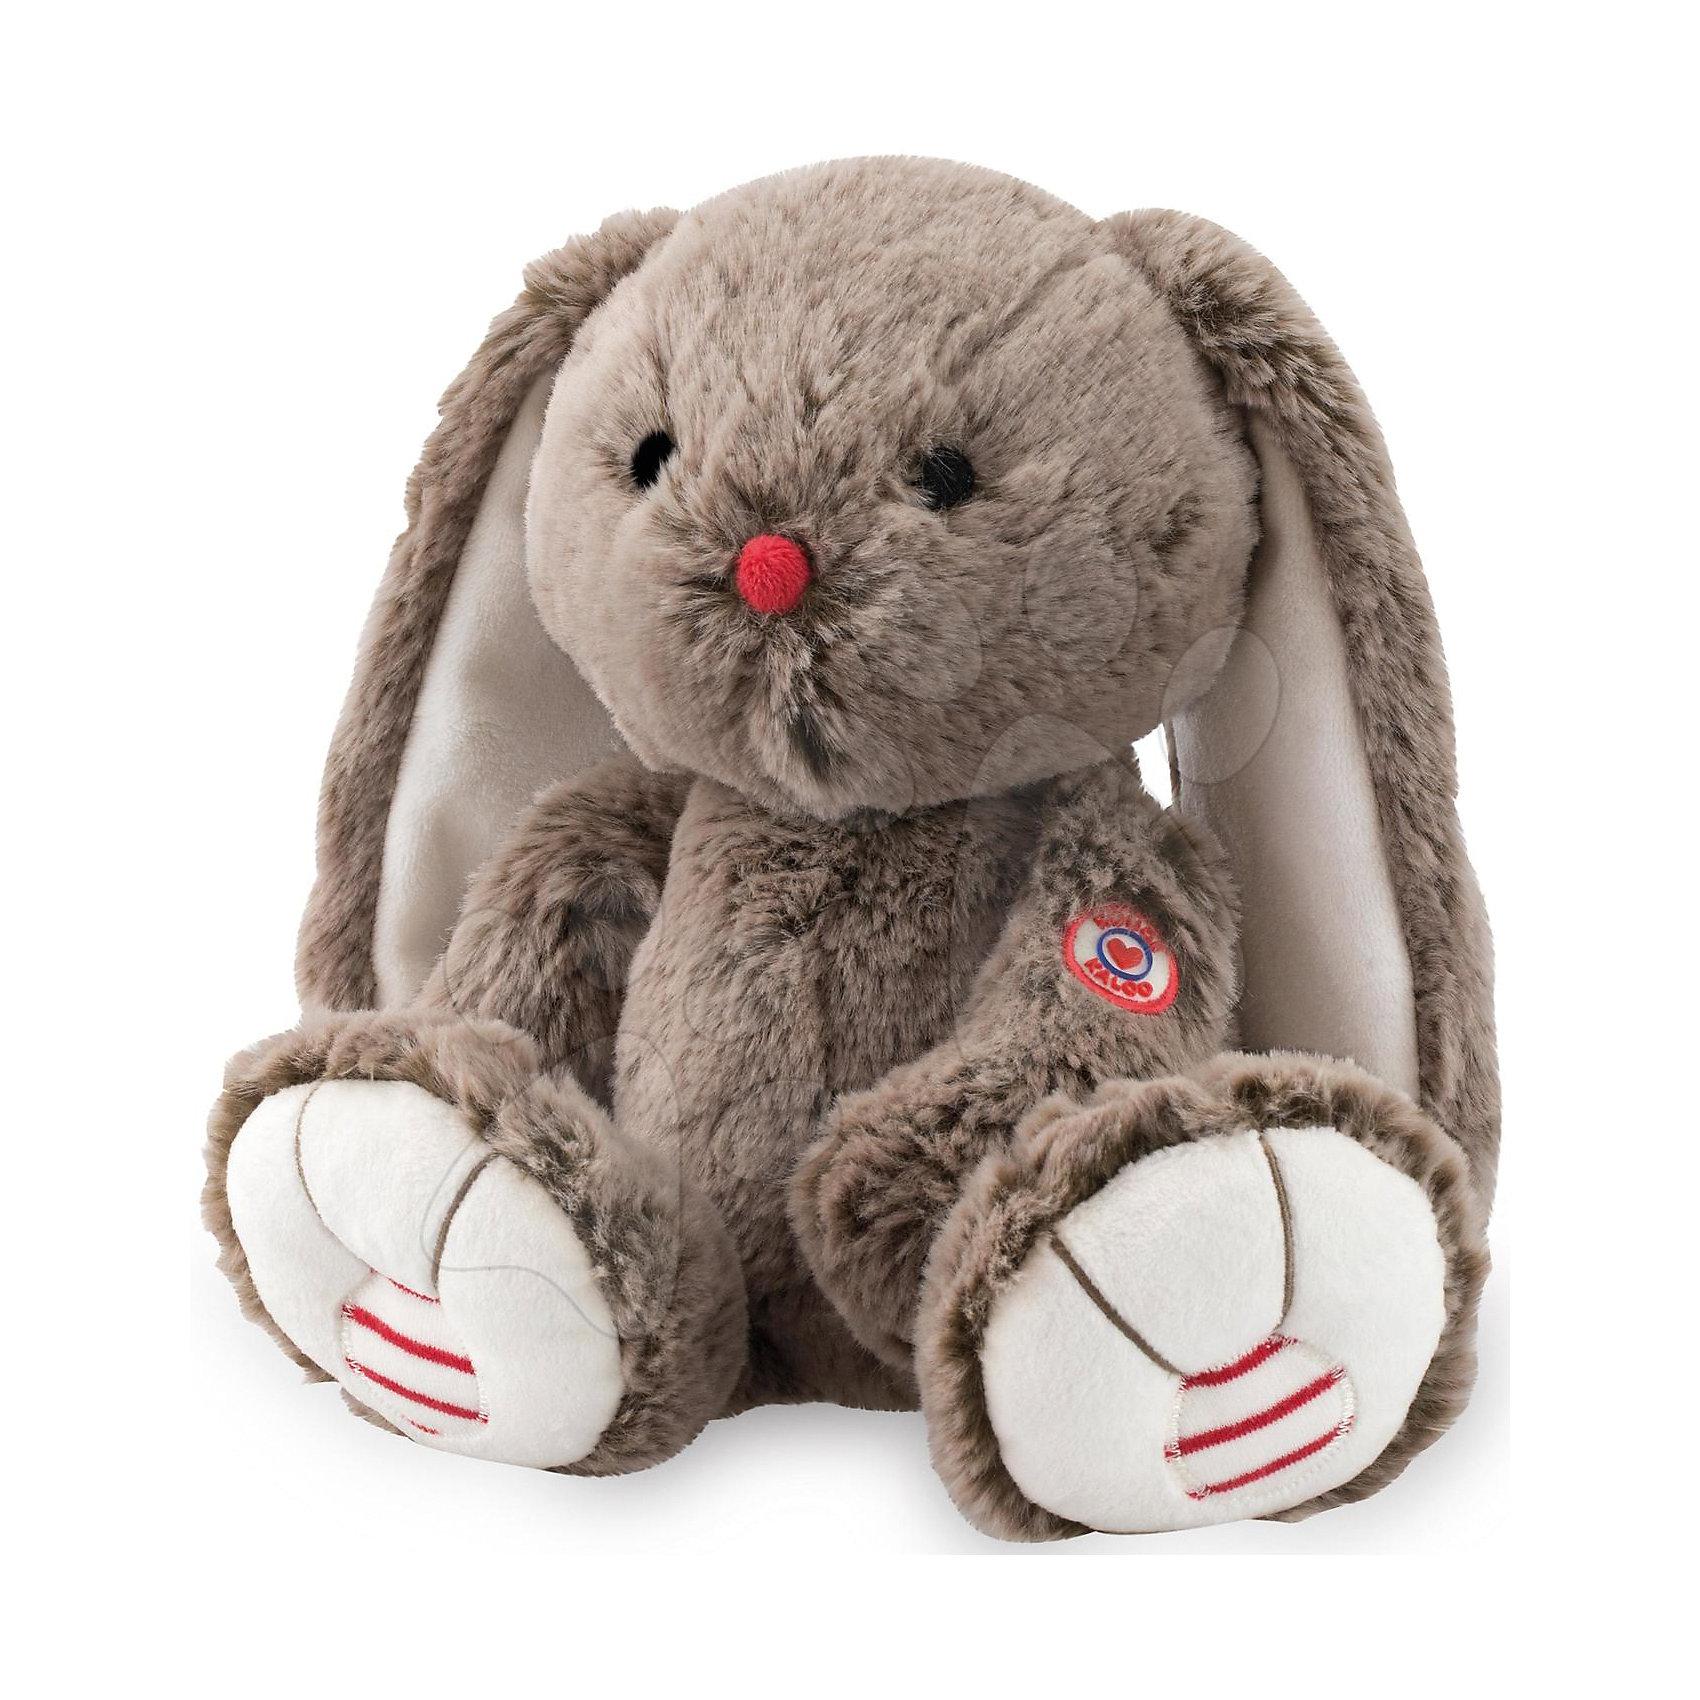 Мягкая игрушка Заяц средний шоколадный, коллекция Руж, KalooКролик из коллекции Руж – это очаровательная игрушка с длинными ушками, выполнена в шоколадных тонах, носик красного цвета, а лапки украшены красно-белыми вставками. <br>Мягкие игрушки действуют позитивно на детей, обучая их ласке и доброте, улучшают настроение ребенка.<br><br>Дополнительная информация:<br><br>-Материал: ткань, искусственный мех<br>-Высота игрушки: 31 см<br><br>Среднего шоколадного Зайца, коллекции Руж, Kalooo можно купить в нашем интернет-магазине.<br><br>Ширина мм: 105<br>Глубина мм: 120<br>Высота мм: 290<br>Вес г: 400<br>Возраст от месяцев: 0<br>Возраст до месяцев: 1188<br>Пол: Унисекс<br>Возраст: Детский<br>SKU: 4862341